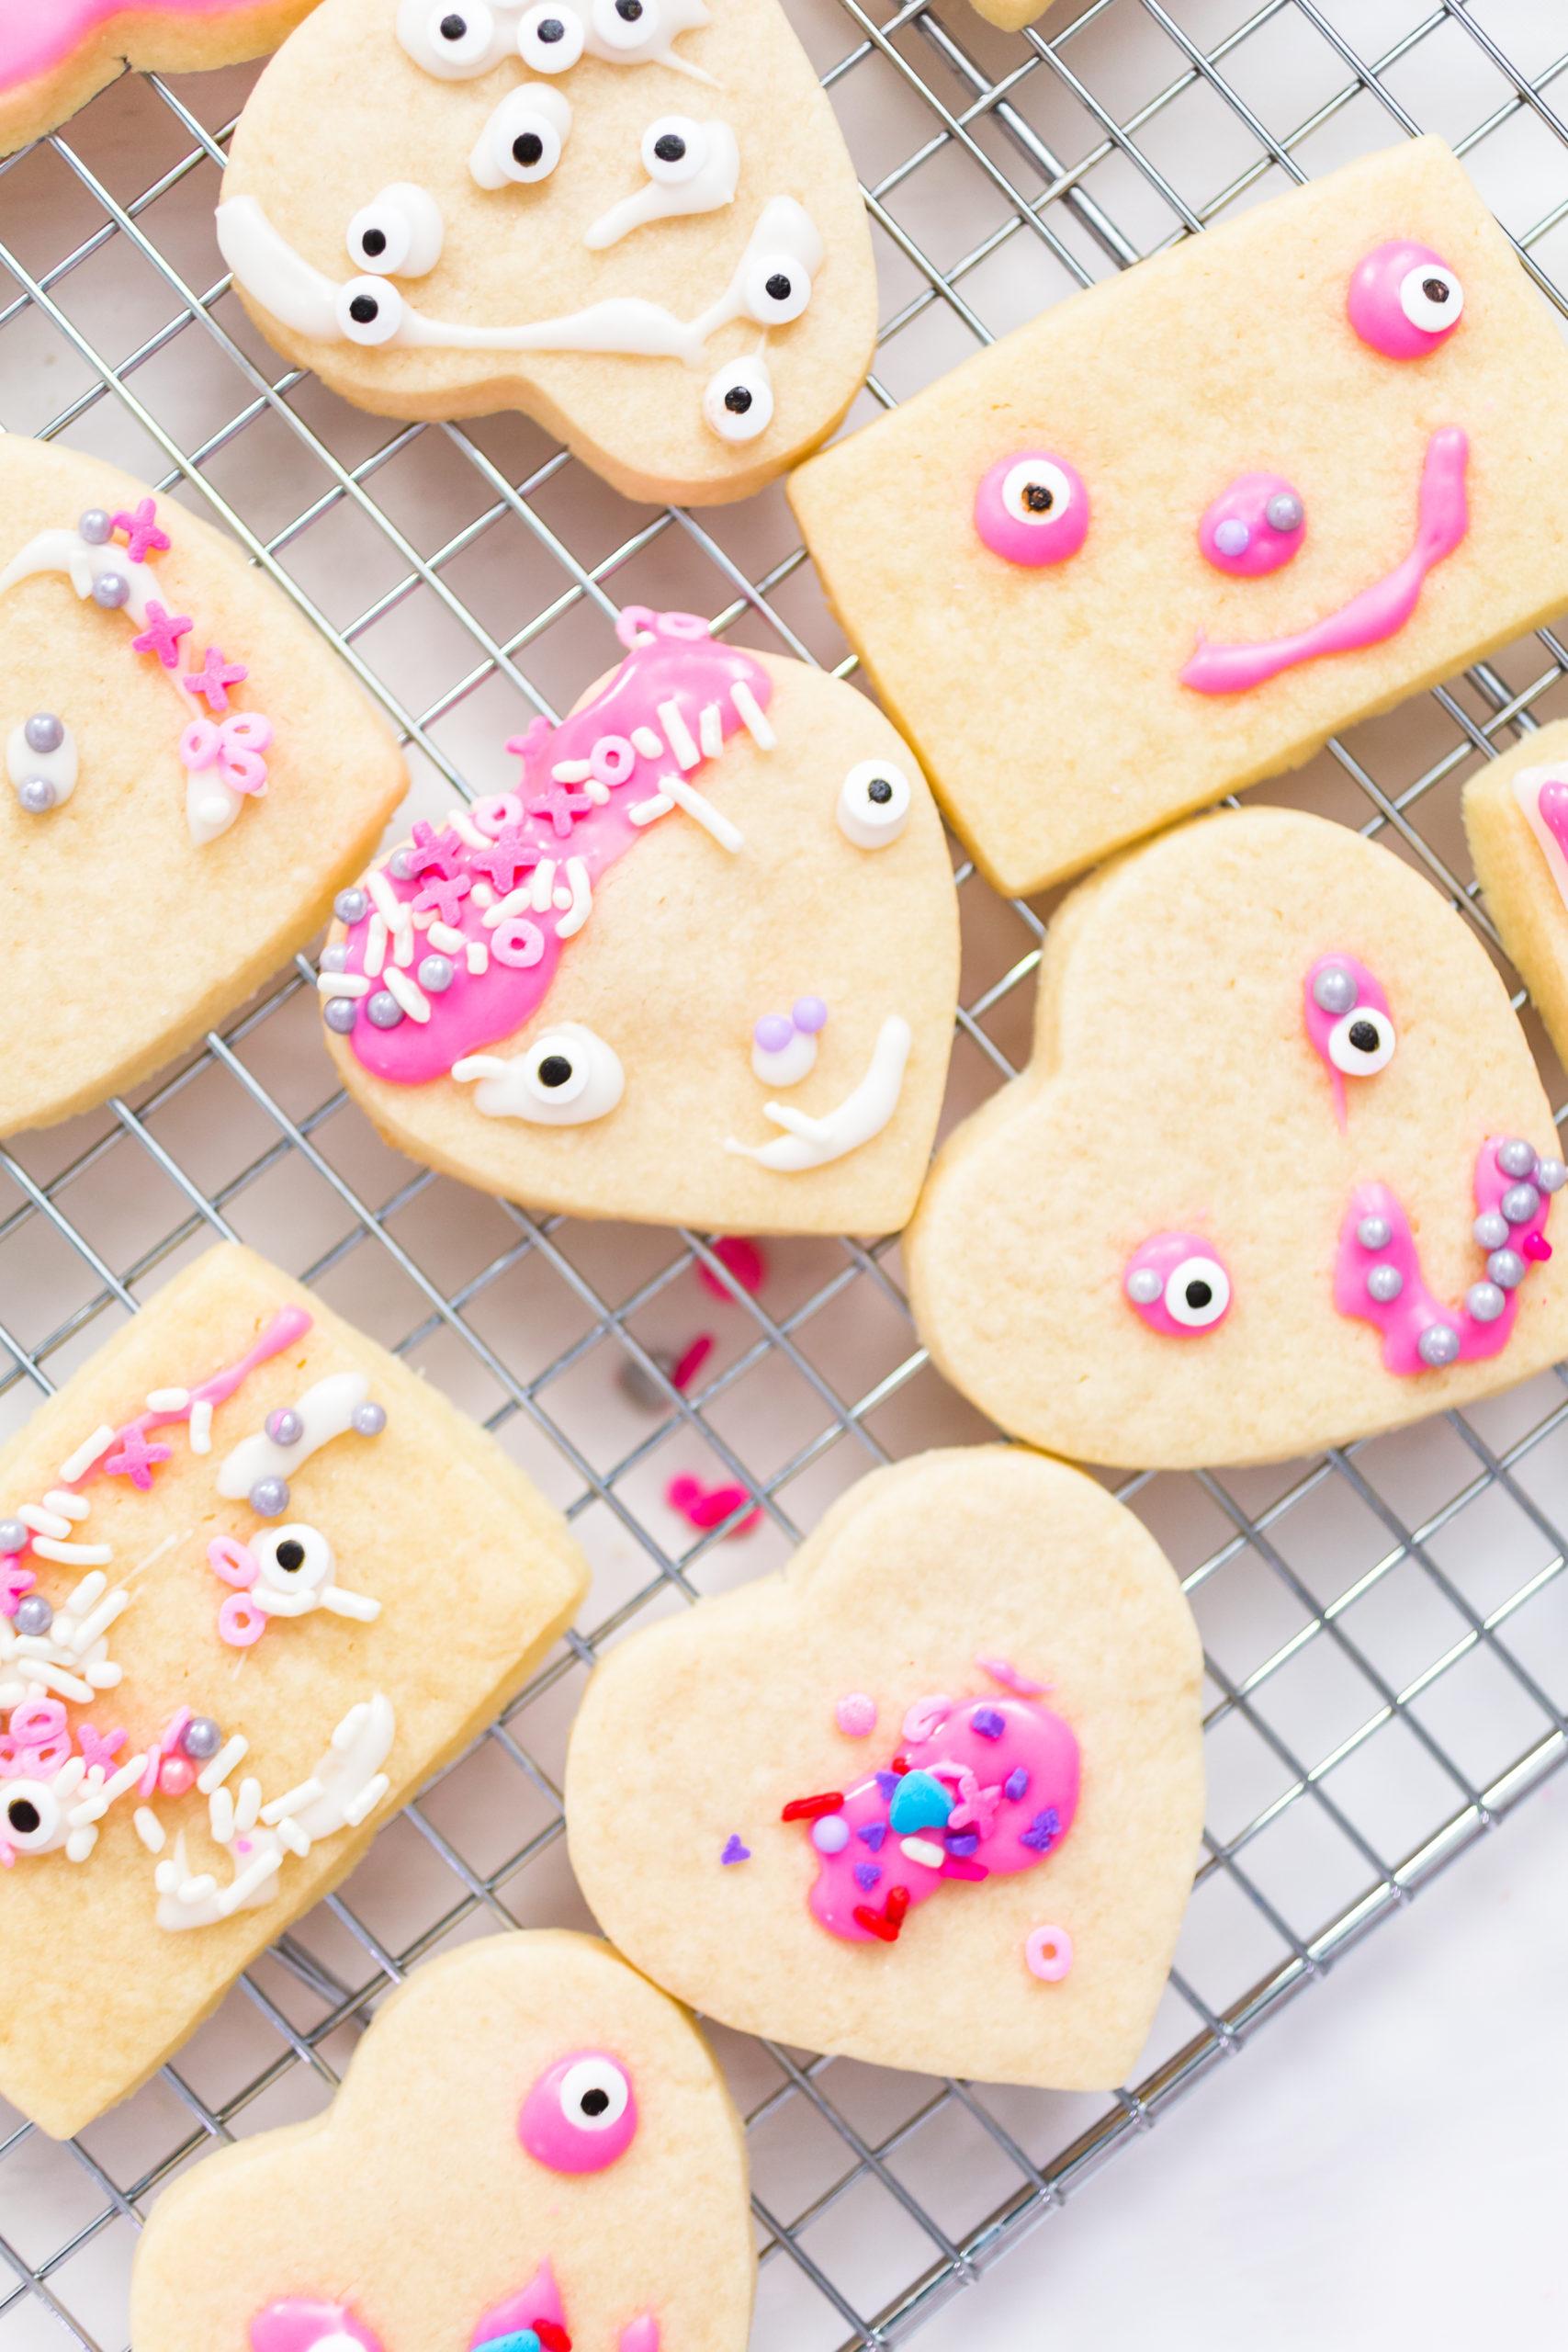 The Valentine's Day Sugar Cookie